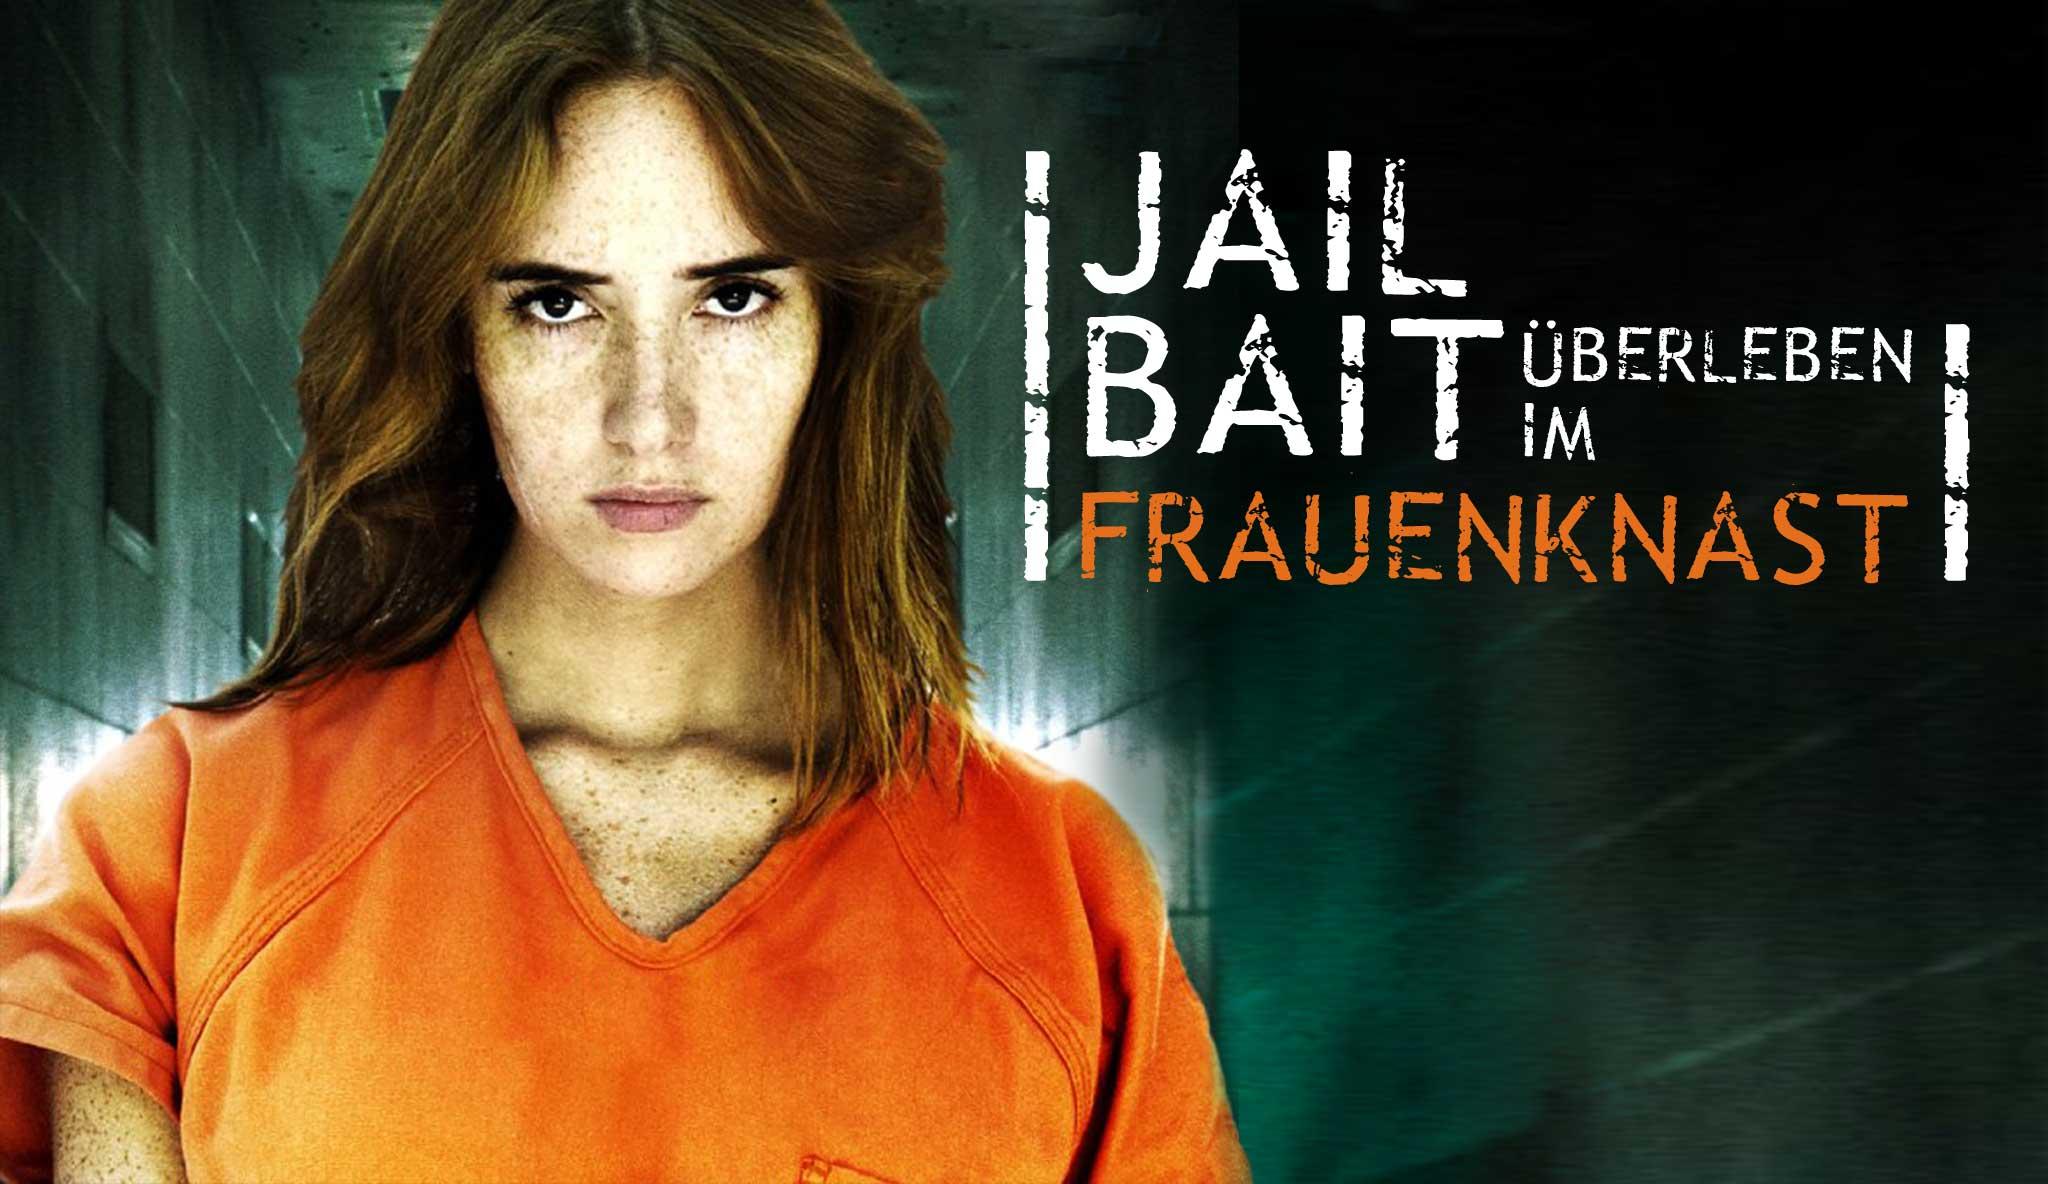 jail-bait-uberleben-im-frauenknast\header.jpg